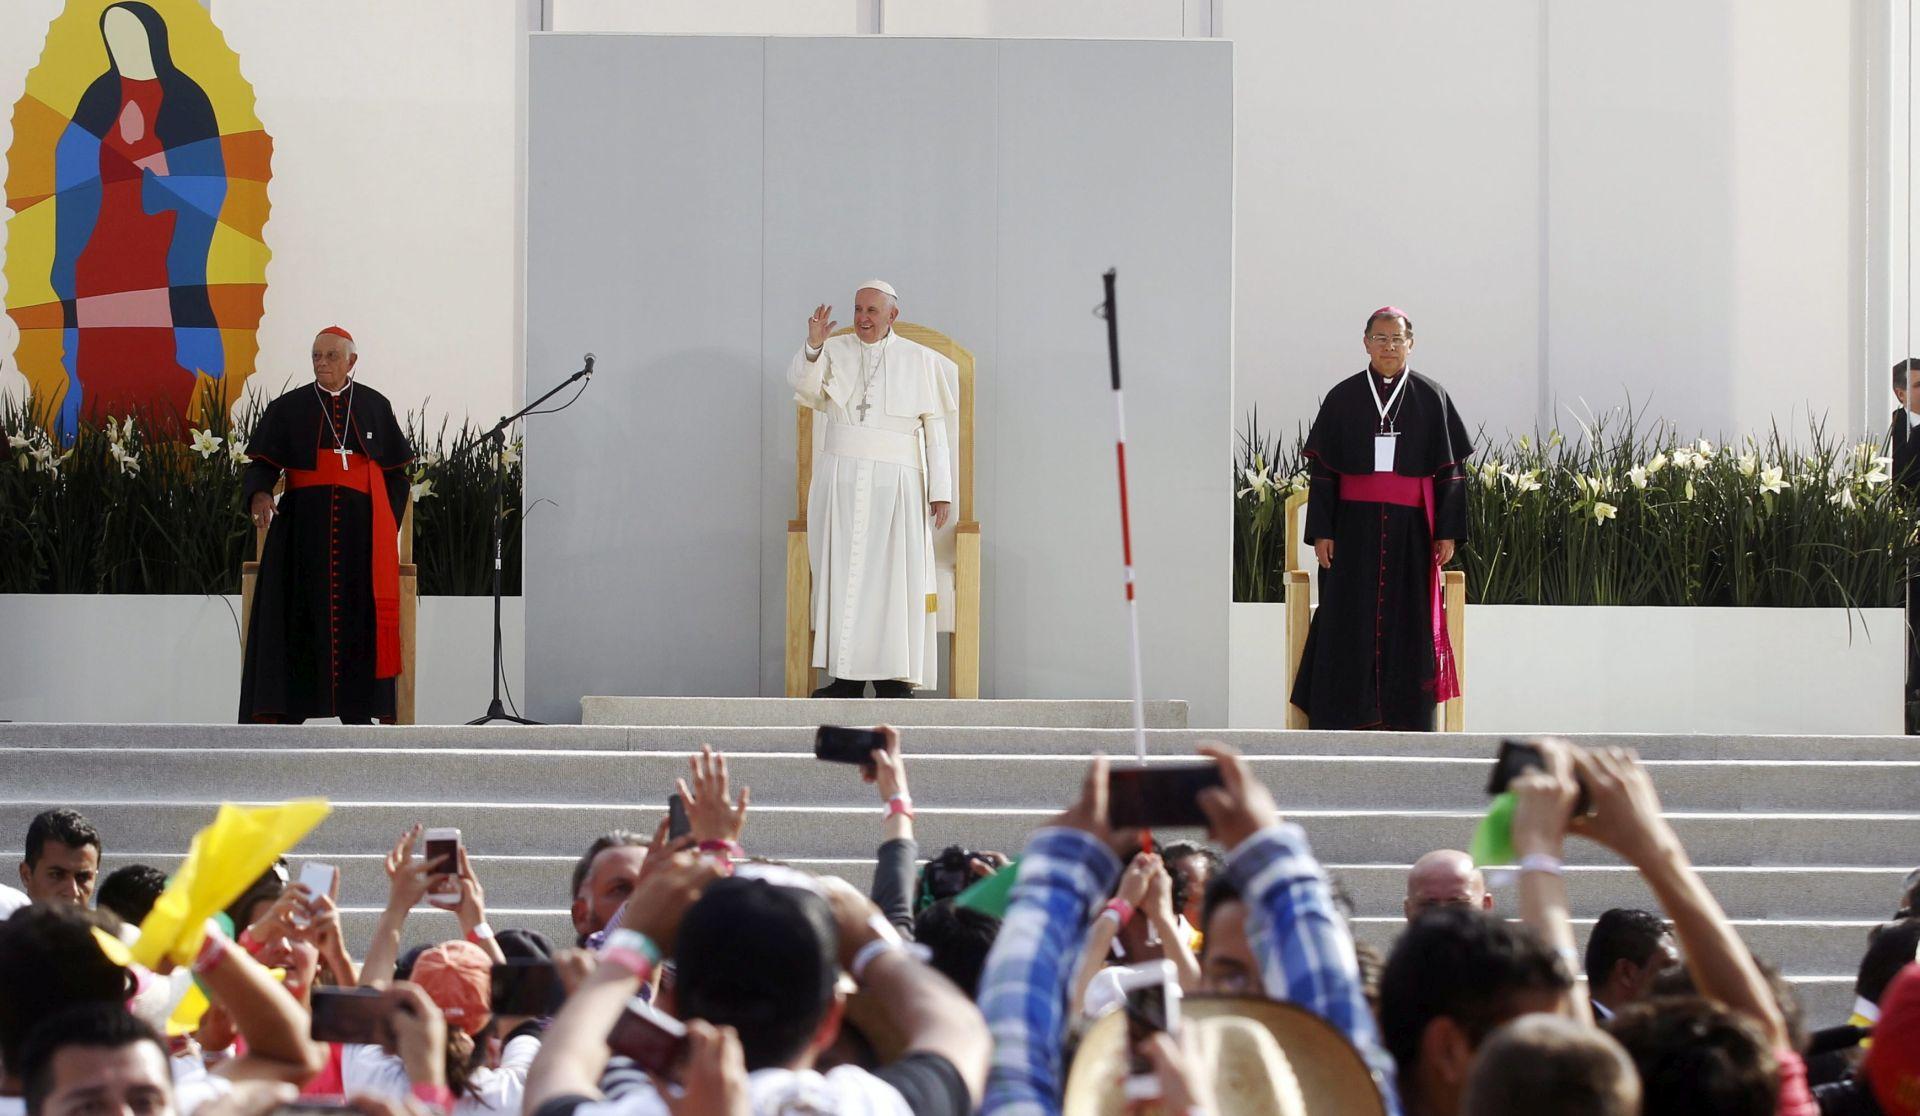 Misa na Rio Grande vrhunac Papina posjeta Meksiku